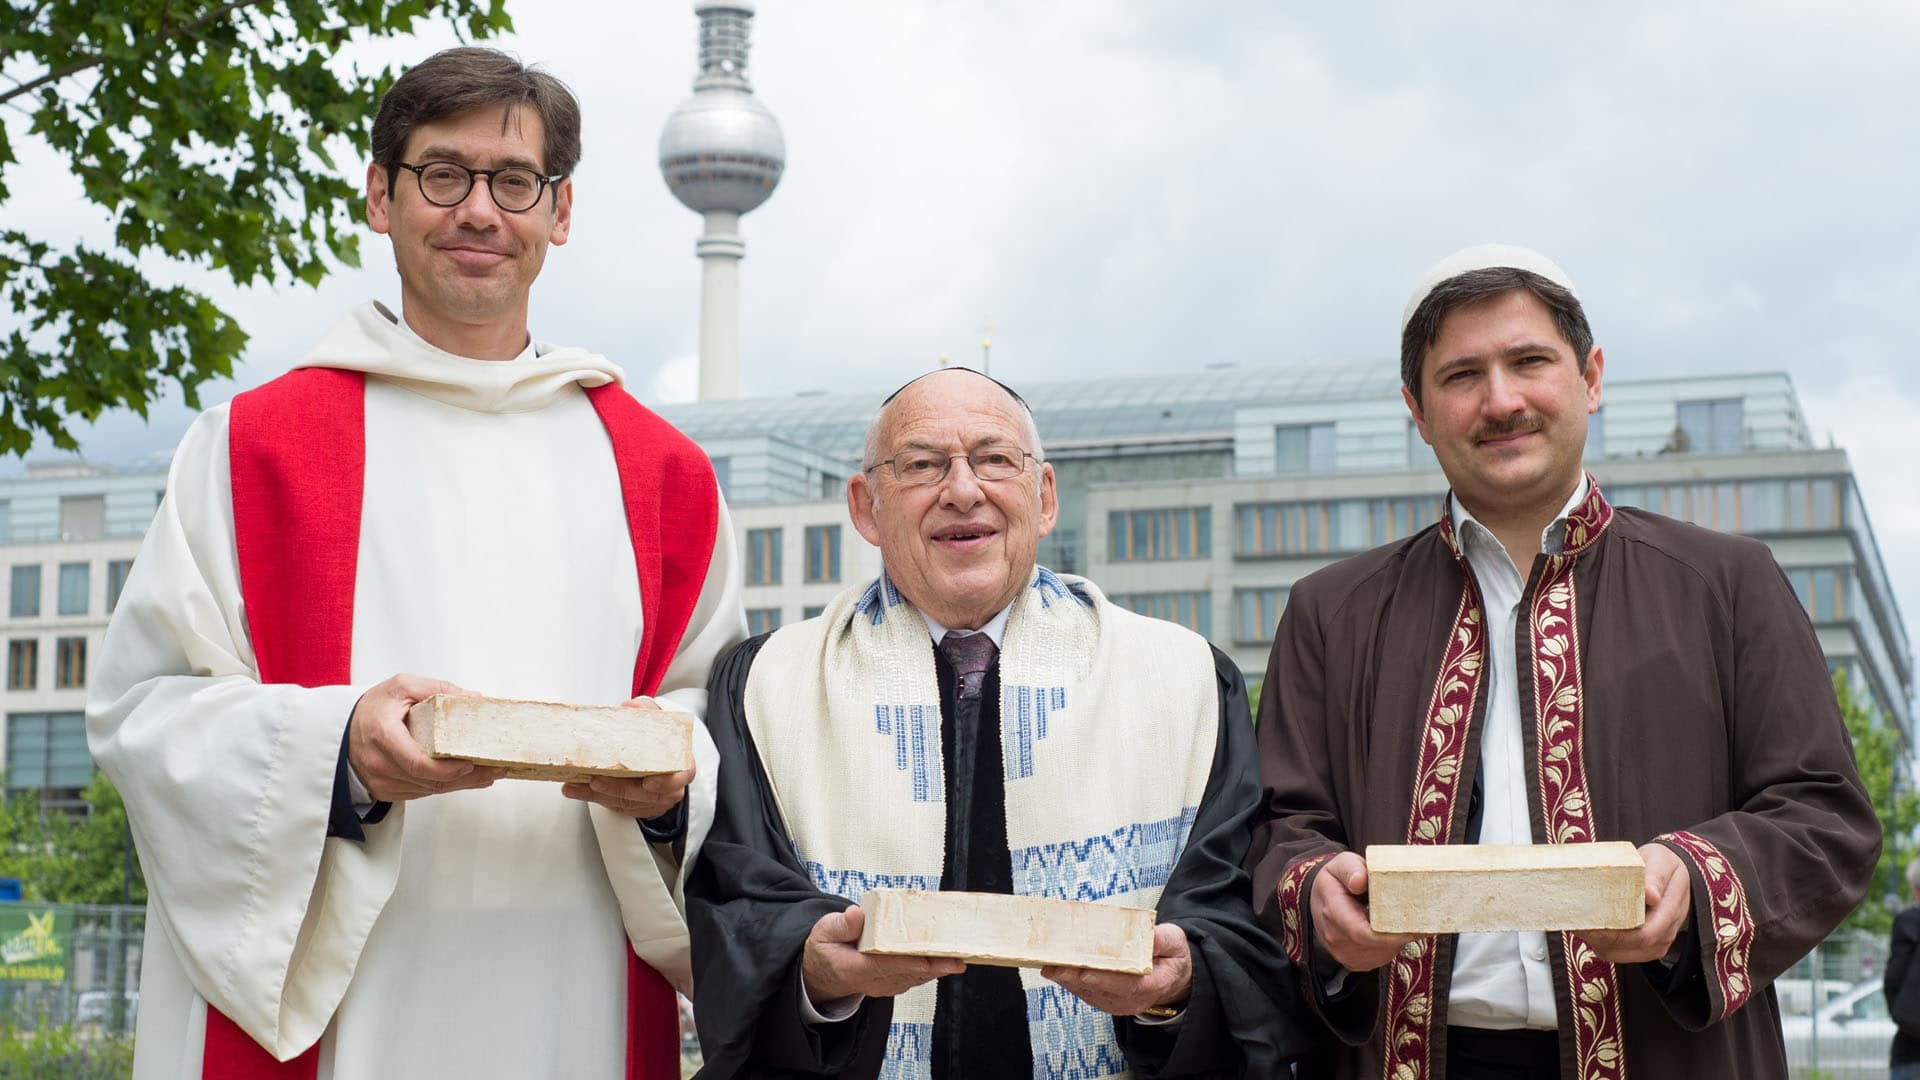 """Die Initiatoren des interreligiösen """"House of One"""": Pfarrer Gregor Hohberg, Rabbi Tovia Ben Chorin und Imam Kadir Sanci. 2014 haben sie im pro-Interview erklärt, welche Ziele sie mit dem Haus haben und wie sie das Projekt finanzieren wollen. Zu dem Zeitpunkt war noch nicht absehbar, ob das nötige Geld zusammenkommt."""